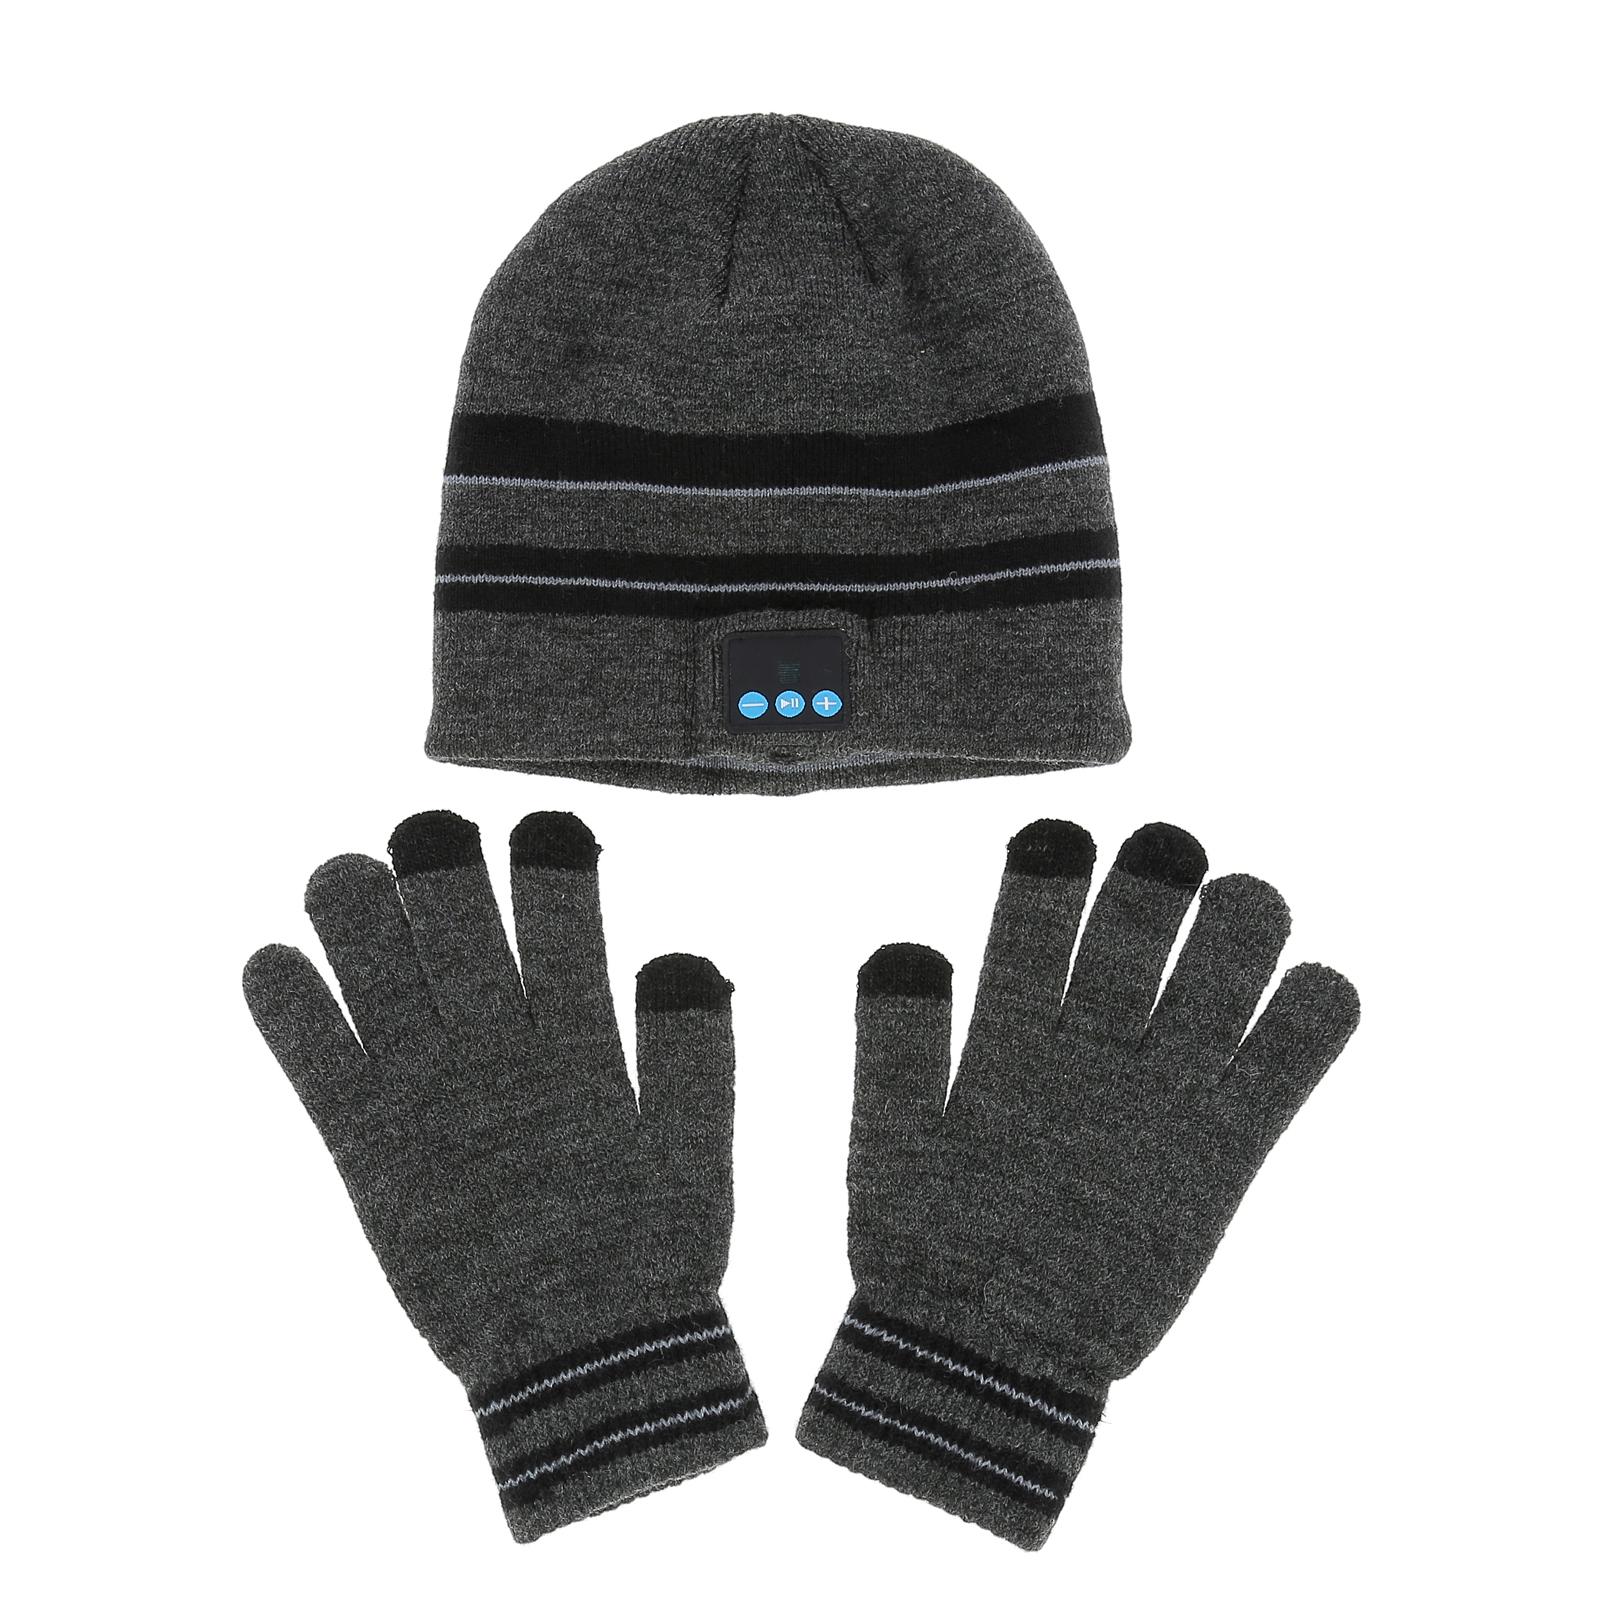 Pour les femmes Pour lhiver Gants pratiques touch hiver pour hommes et femmes Cadeau de No/ël